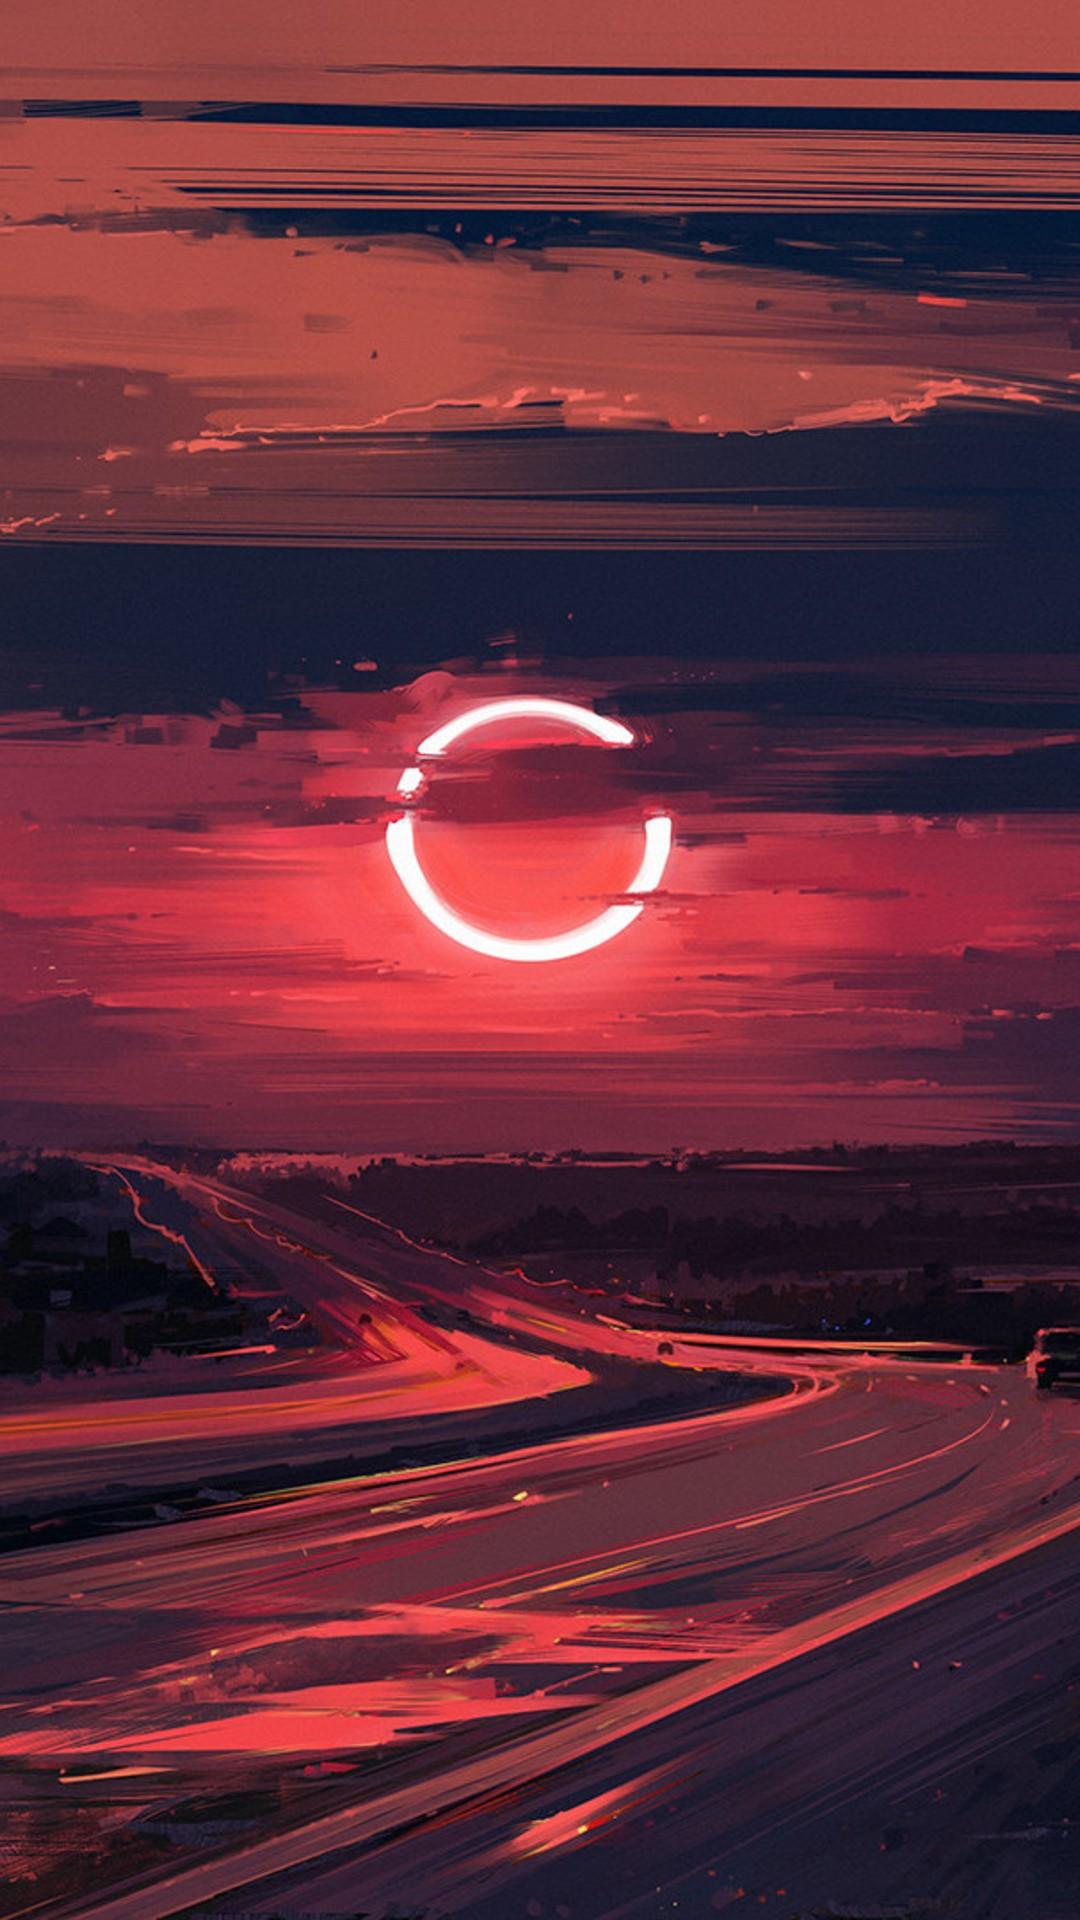 Cloud Eclipse Evening Moon Ut Wallpaper  1080x1920